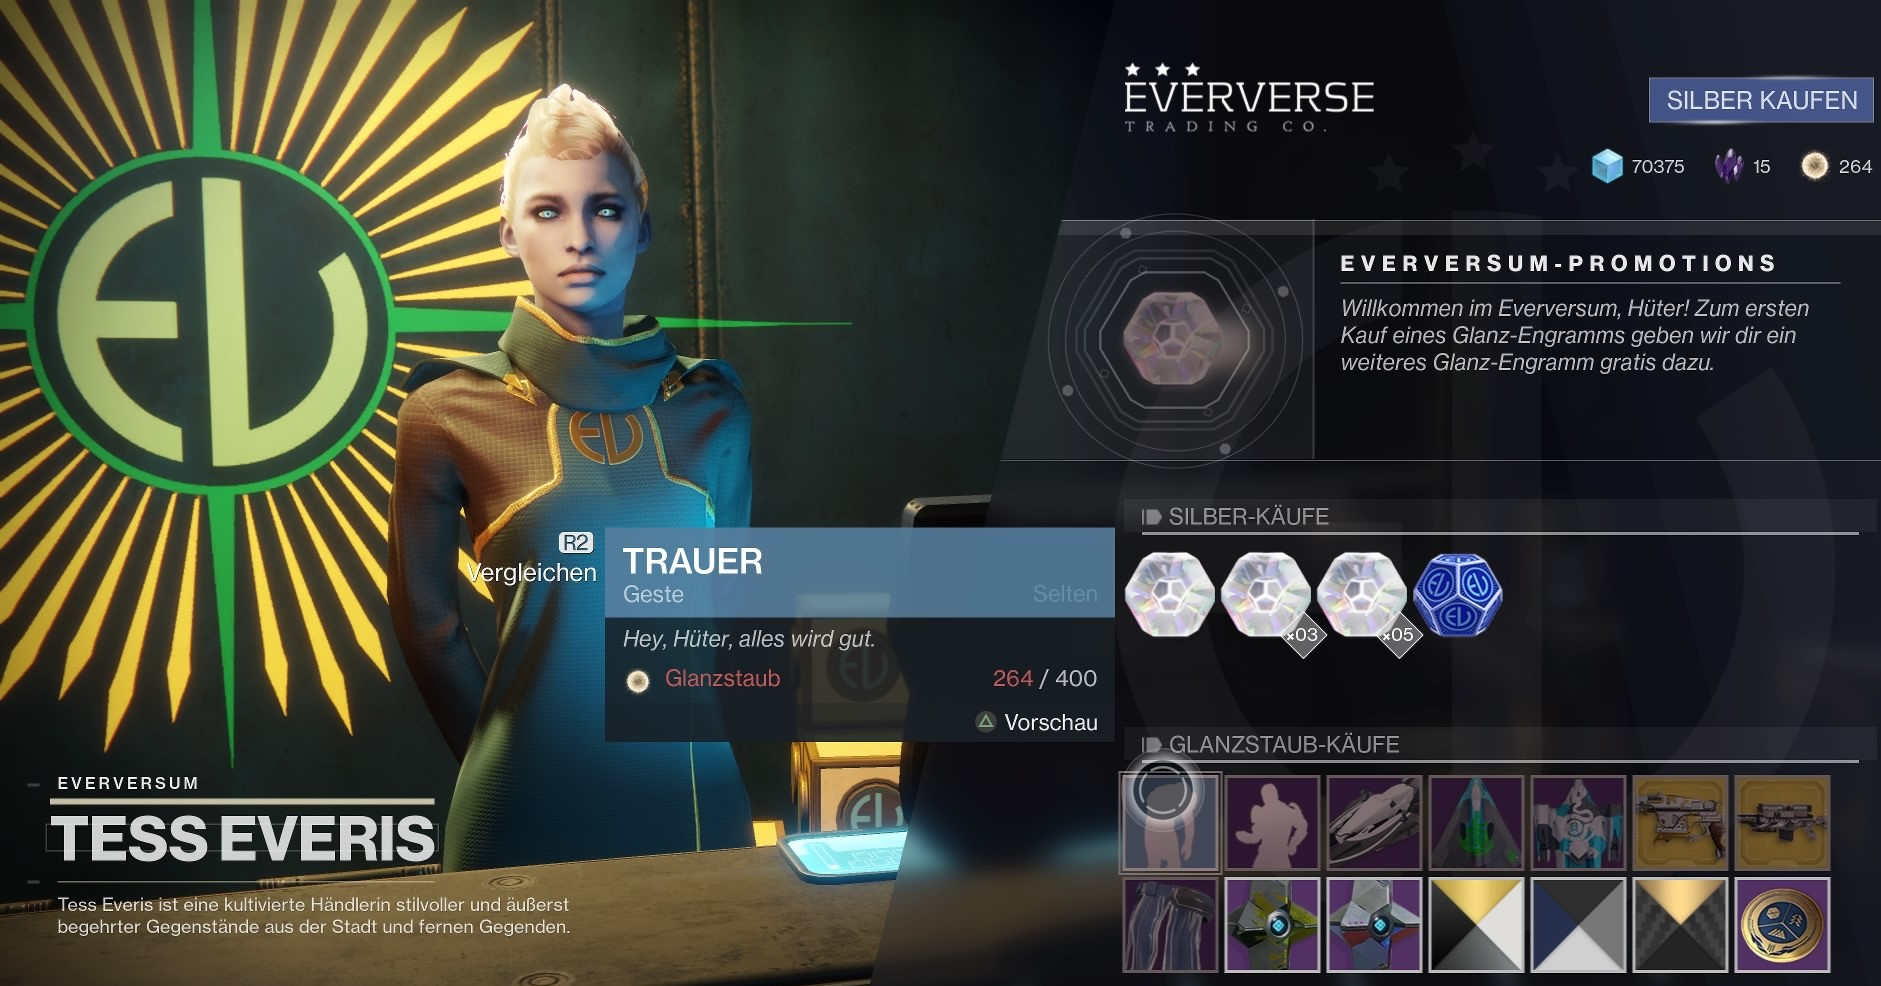 Destiny 2: Trotz schwieriger Stimmung herrschen goldene Zeiten im Cash-Shop – Bungie reagiert